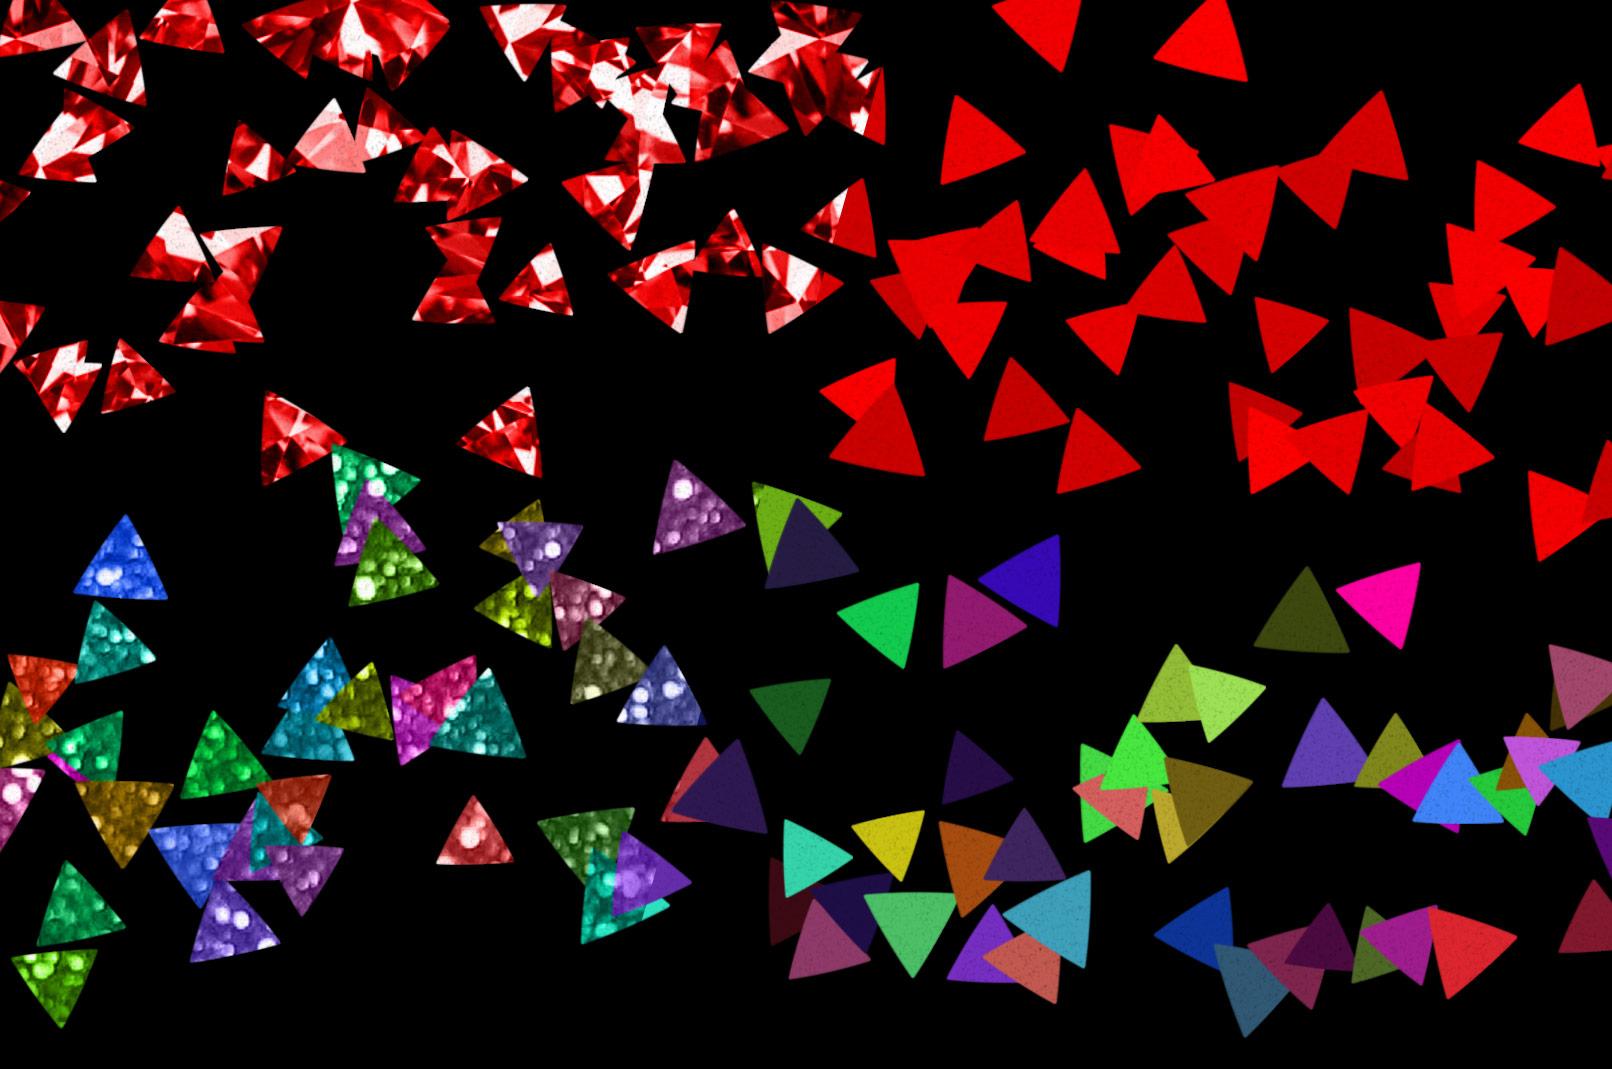 Dreieckige Konfetti-Schnipsel, einmal mit und einmal ohne Textur